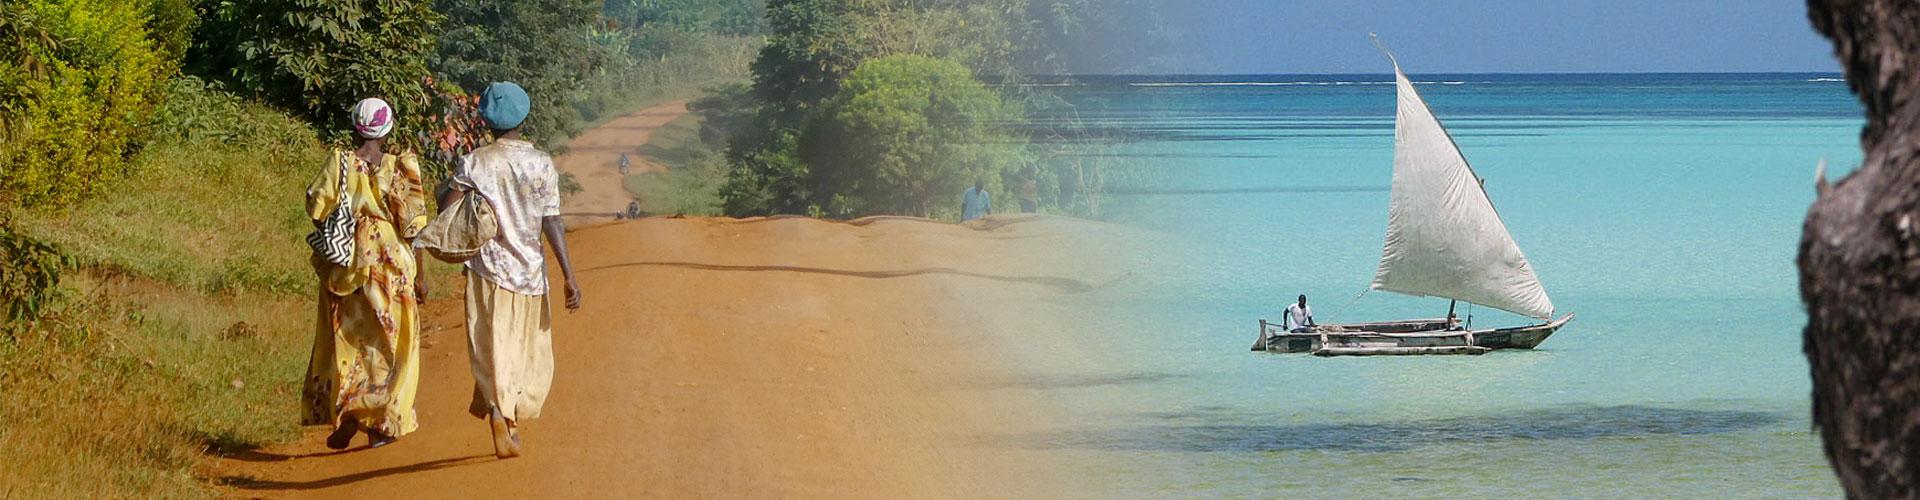 15-TAGE-Abenteuer-Sansibar